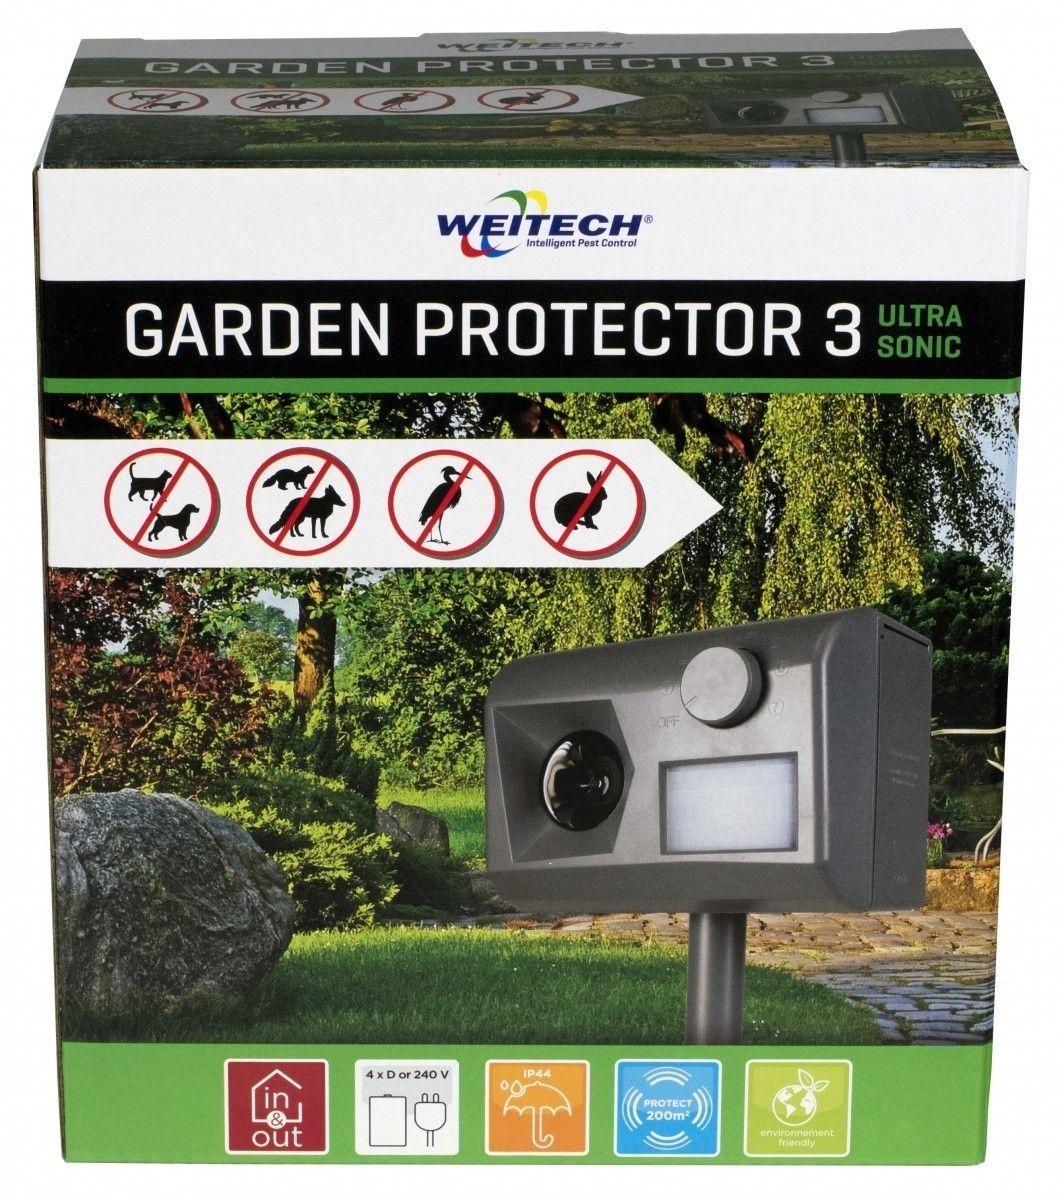 Garden Protector 3 Ultra Sonic